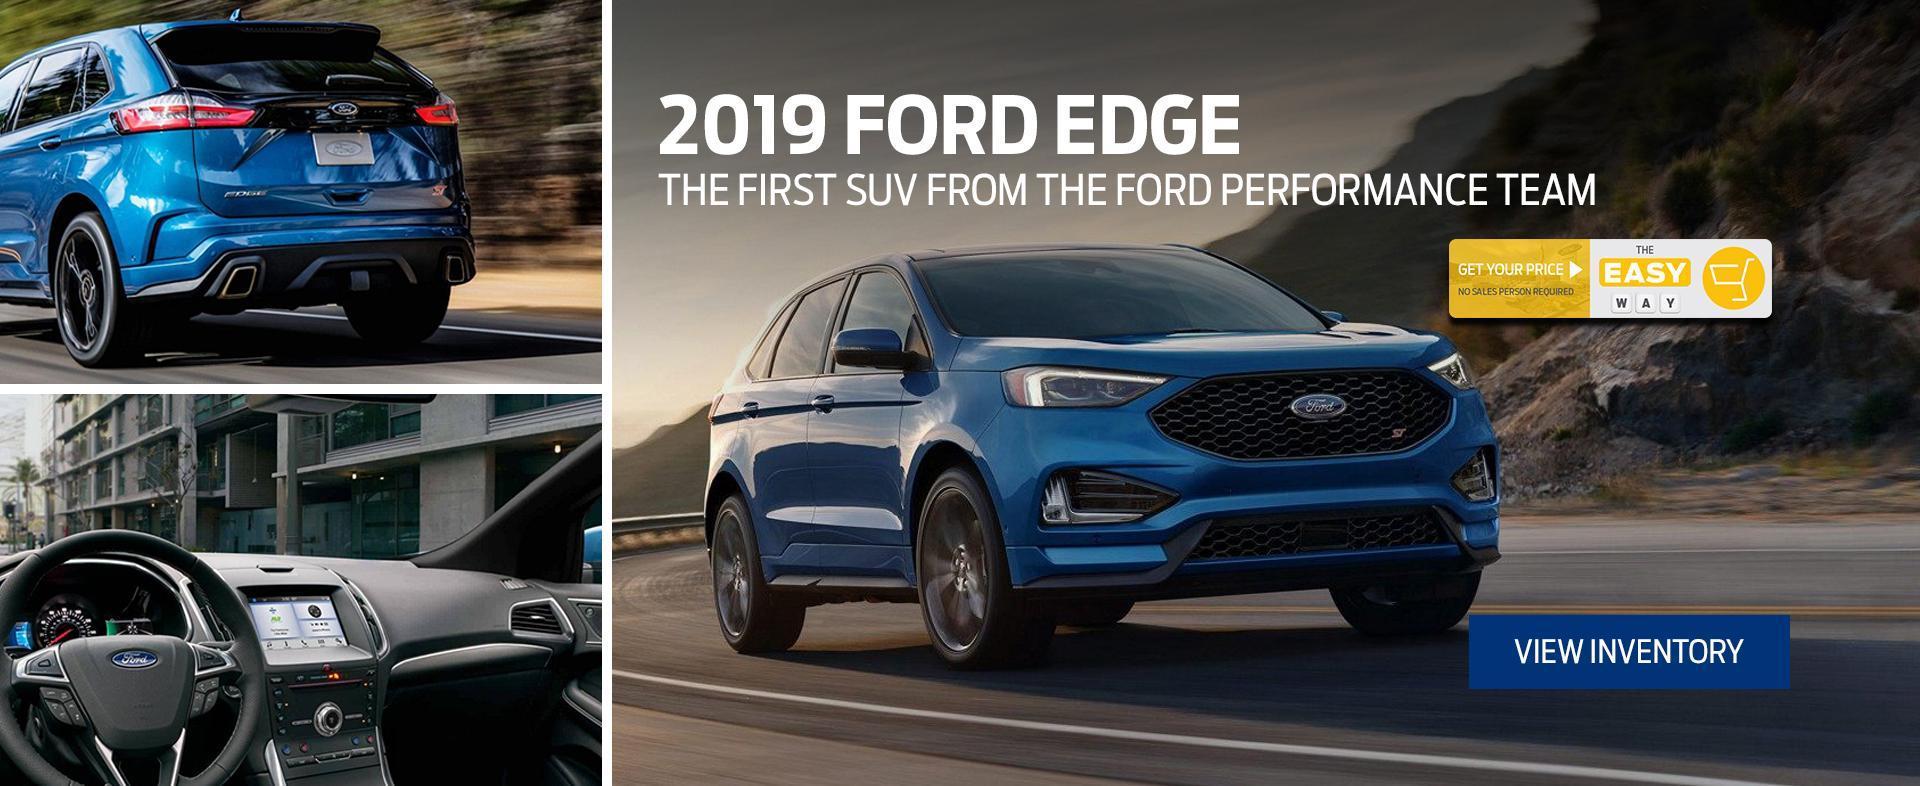 2019 Edge image